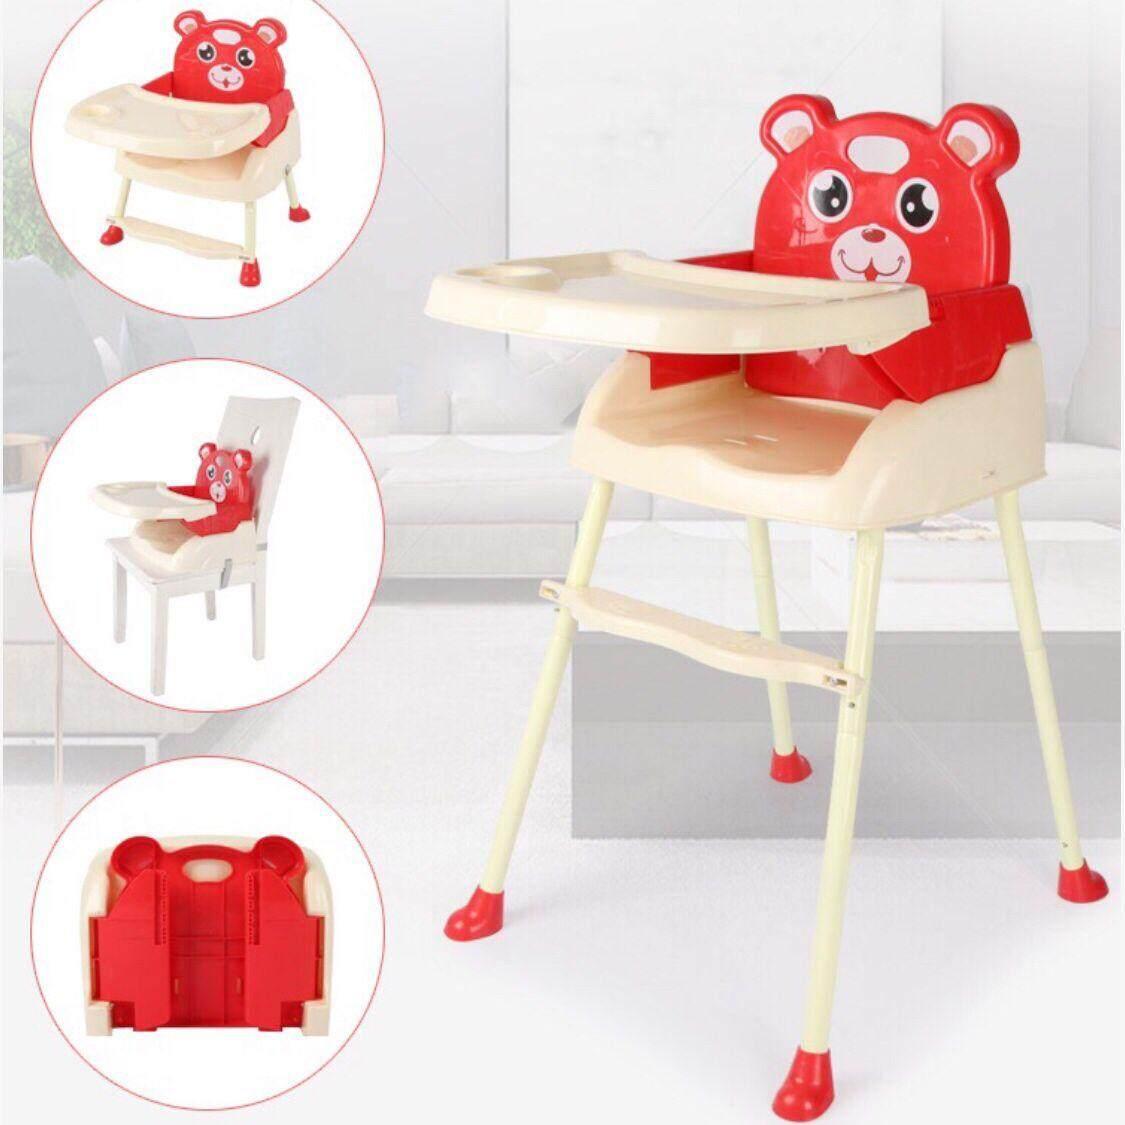 เก้าอื้กินข้าวด็ก 4 in 1 พับได้ เก้าอื้หัดนัง ของไช้เด็ก โต็ะกินข้าวเด็ก โต็ะกินข้าวเต็กทรงสูง เก้